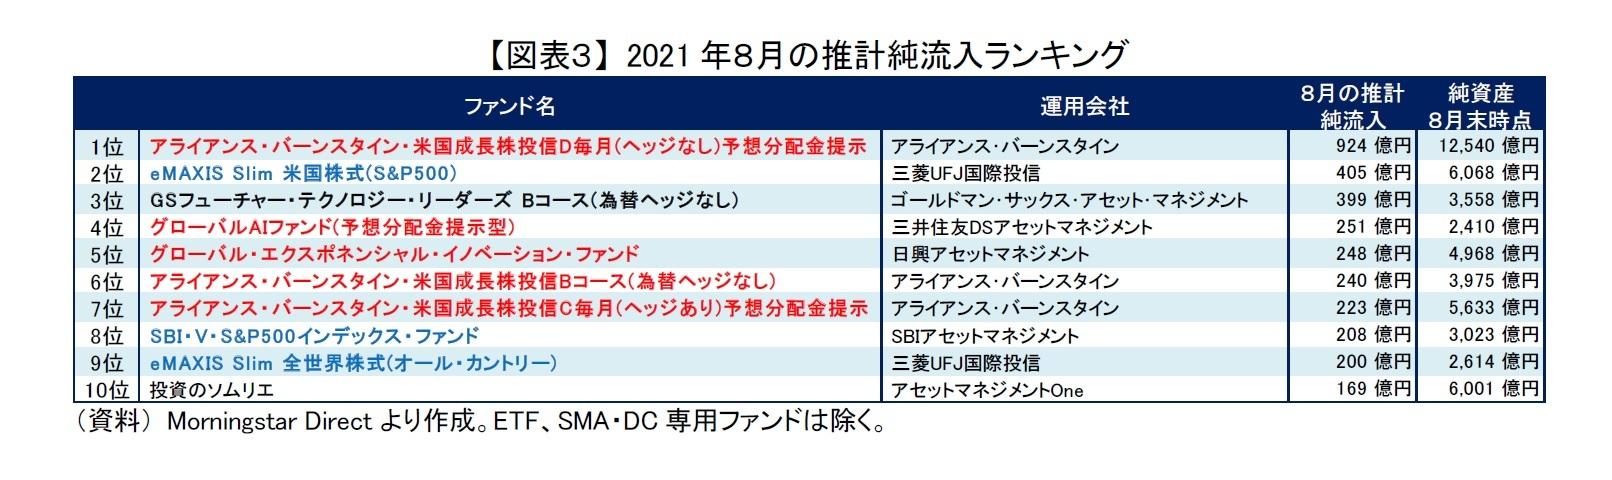 【図表3】 2021年8月の推計純流入ランキング